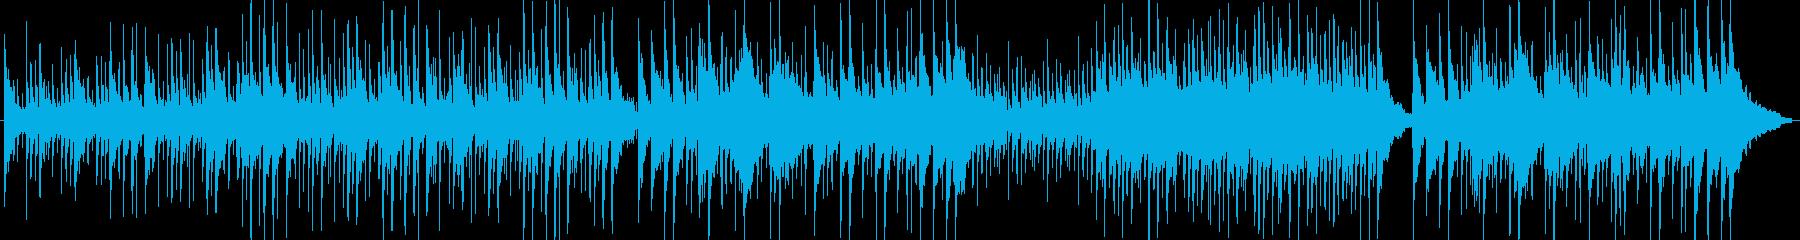 リラックスできる穏やかなメロディーの再生済みの波形